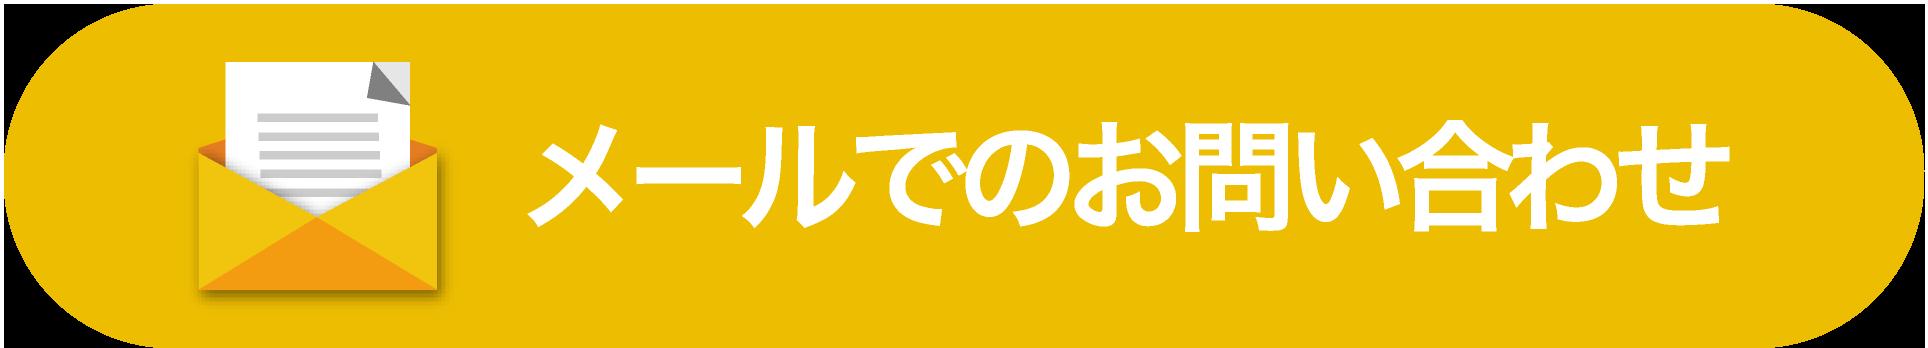 福岡の探偵・興信所|無料メール相談